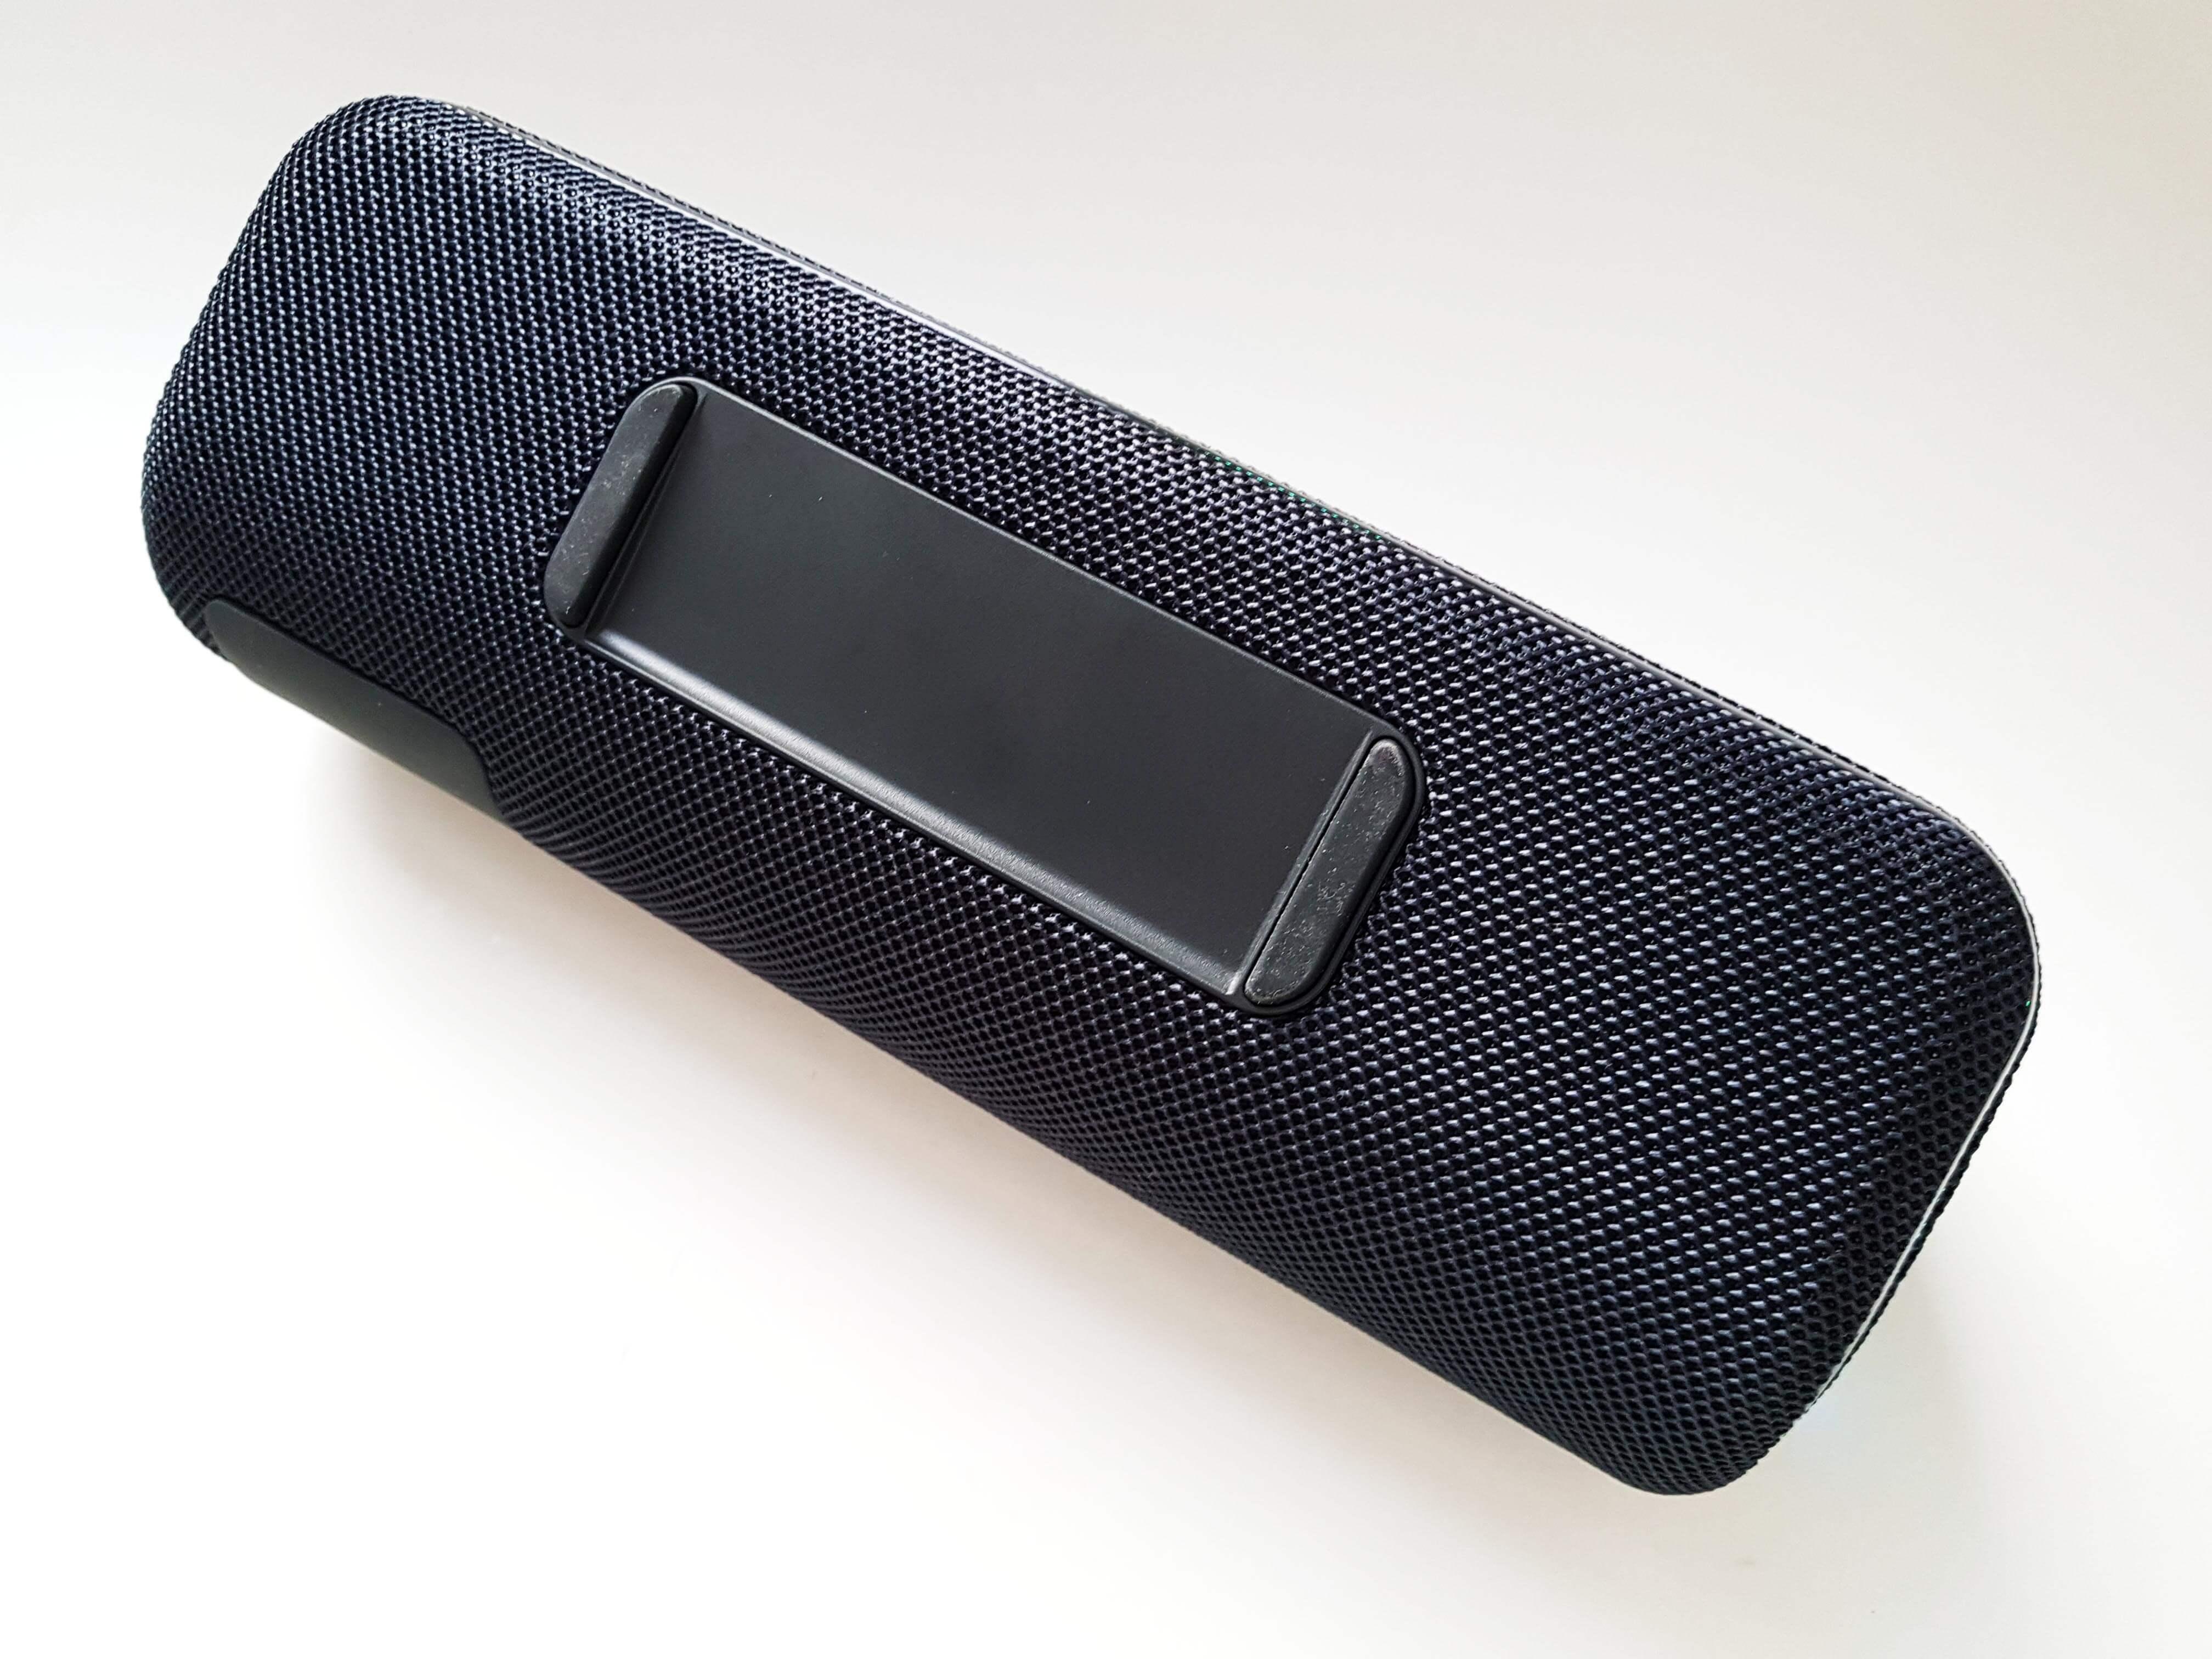 Boxa Wireless Sony SRS-XB41 Review Romana si Pareri - Foto 5